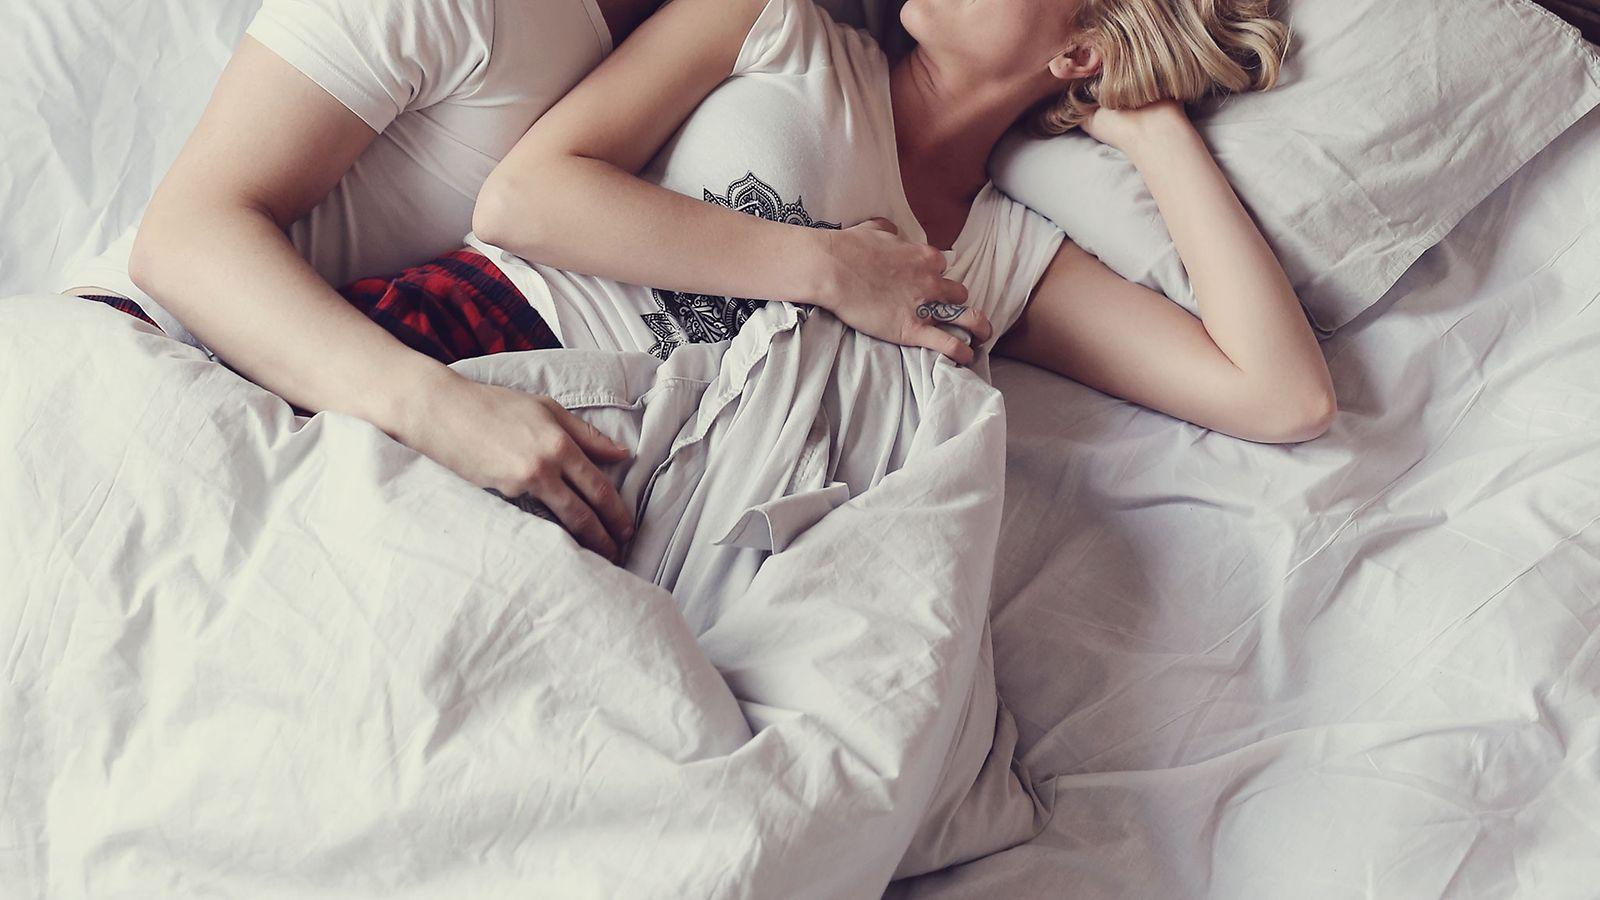 bi-vaimo thai massage turku homo